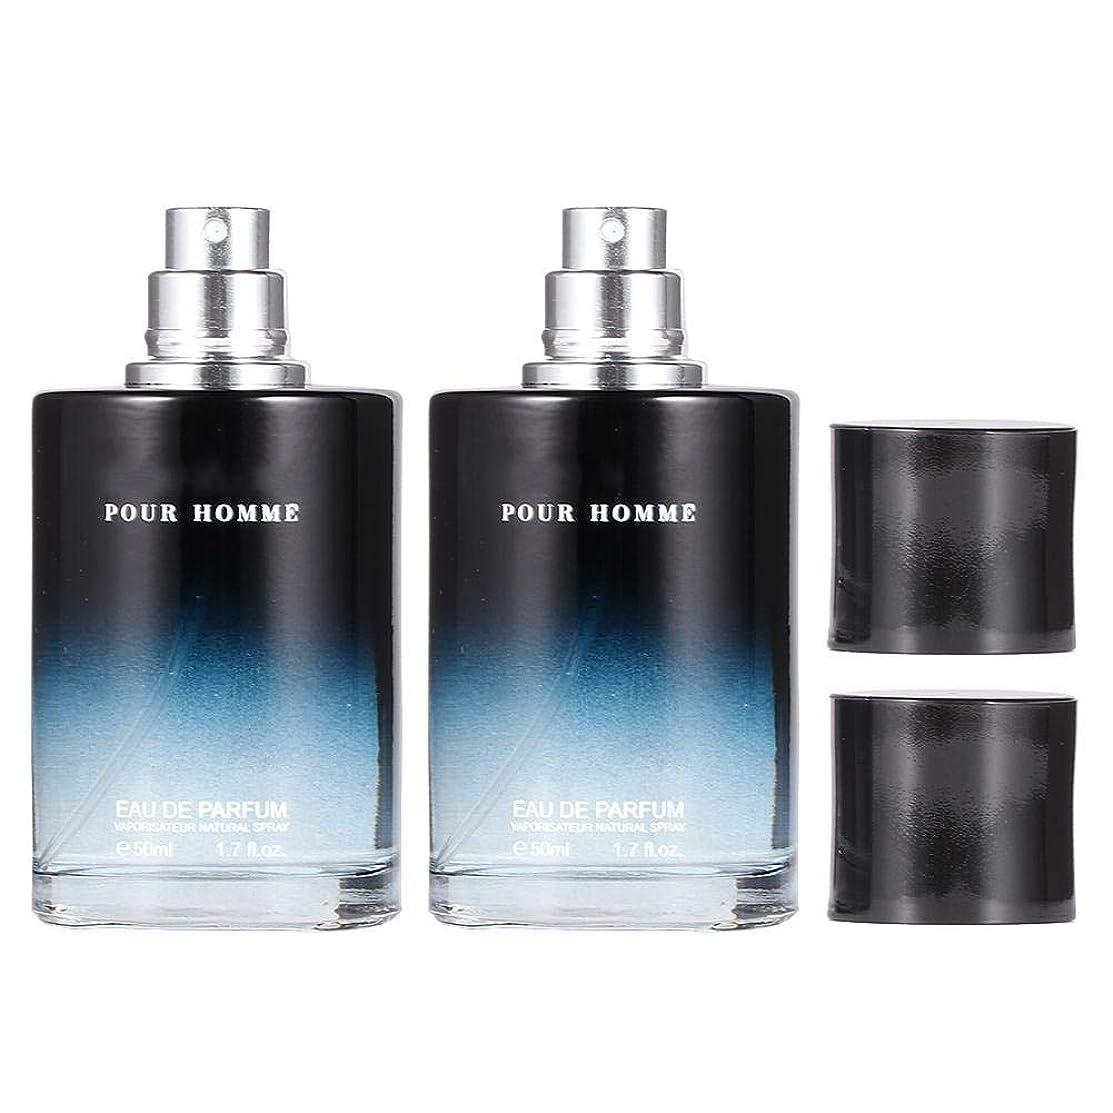 水を飲む収入遷移50ml * 2人の長続きがする芳香の香水、レモンの前部ノートの香水